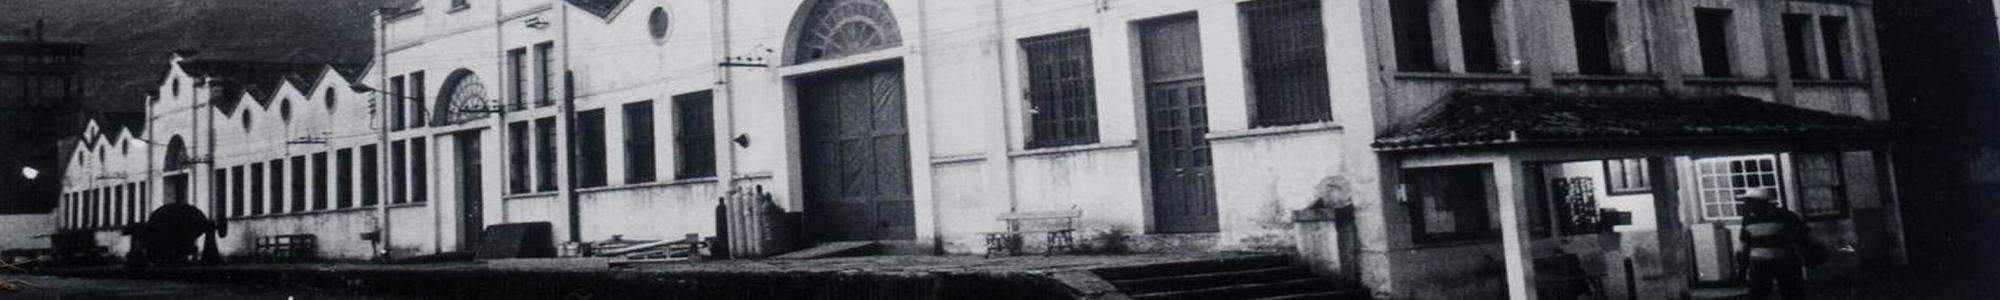 Imagem antiga da fachada do centro de artes e convenções da UFOP